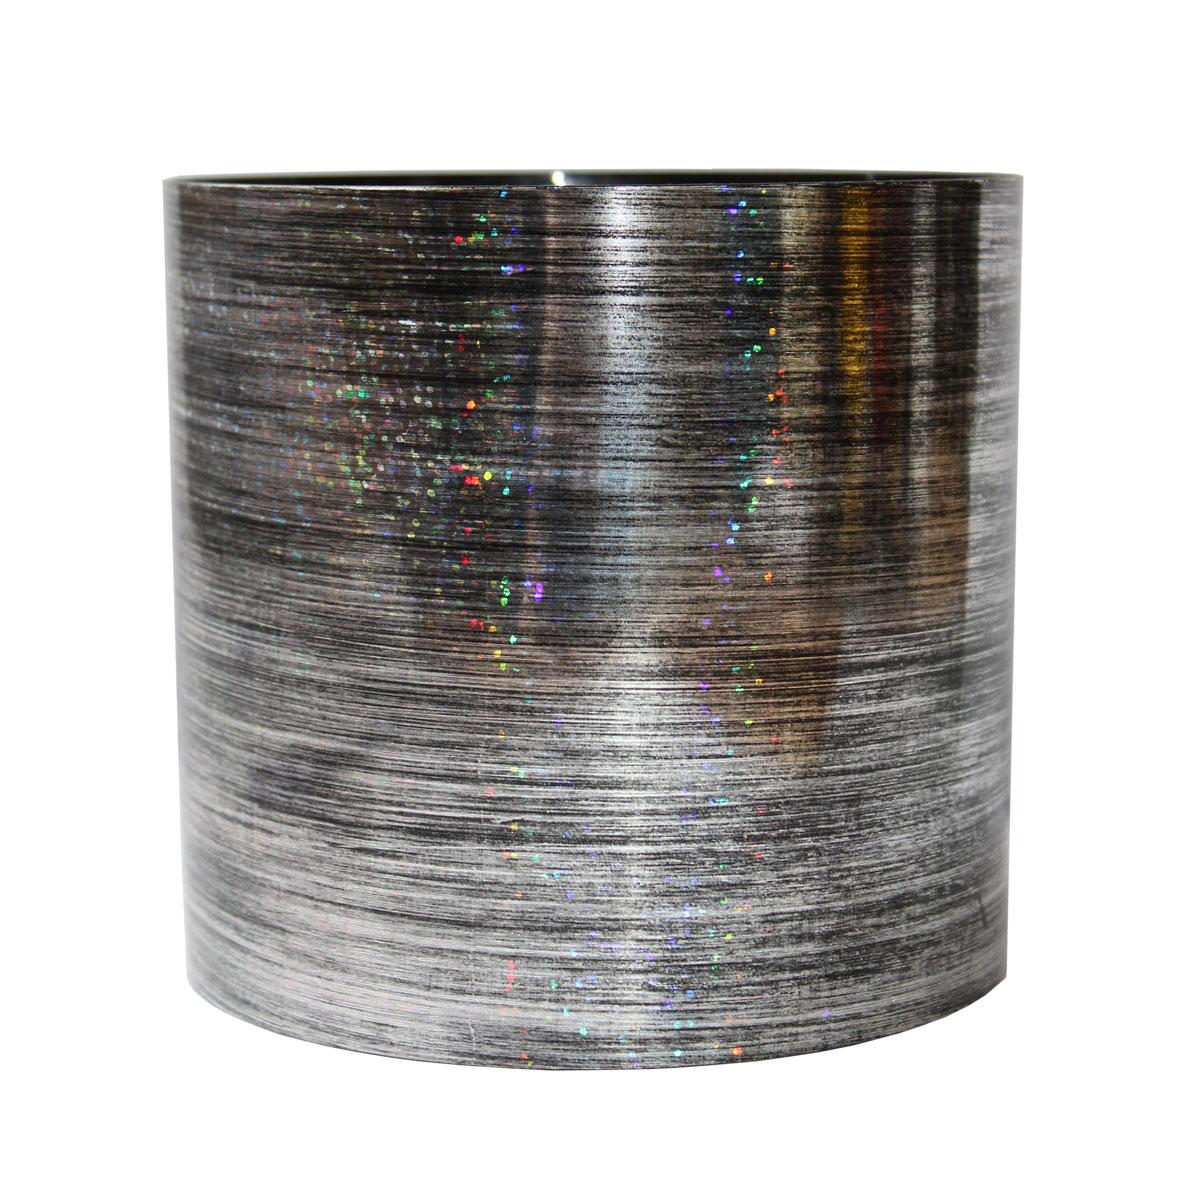 Горшок для цветов Miolla Серебро, со скрытым поддоном, 1,7 лSMG-44Горшок для цветов Miolla Серебро со скрытым поддоном выполнен из пластика.Диаметр горшка: 13,5 см.Высота горшка (с учетом поддона): 13,5 см.Объем горшка: 1,7 л.